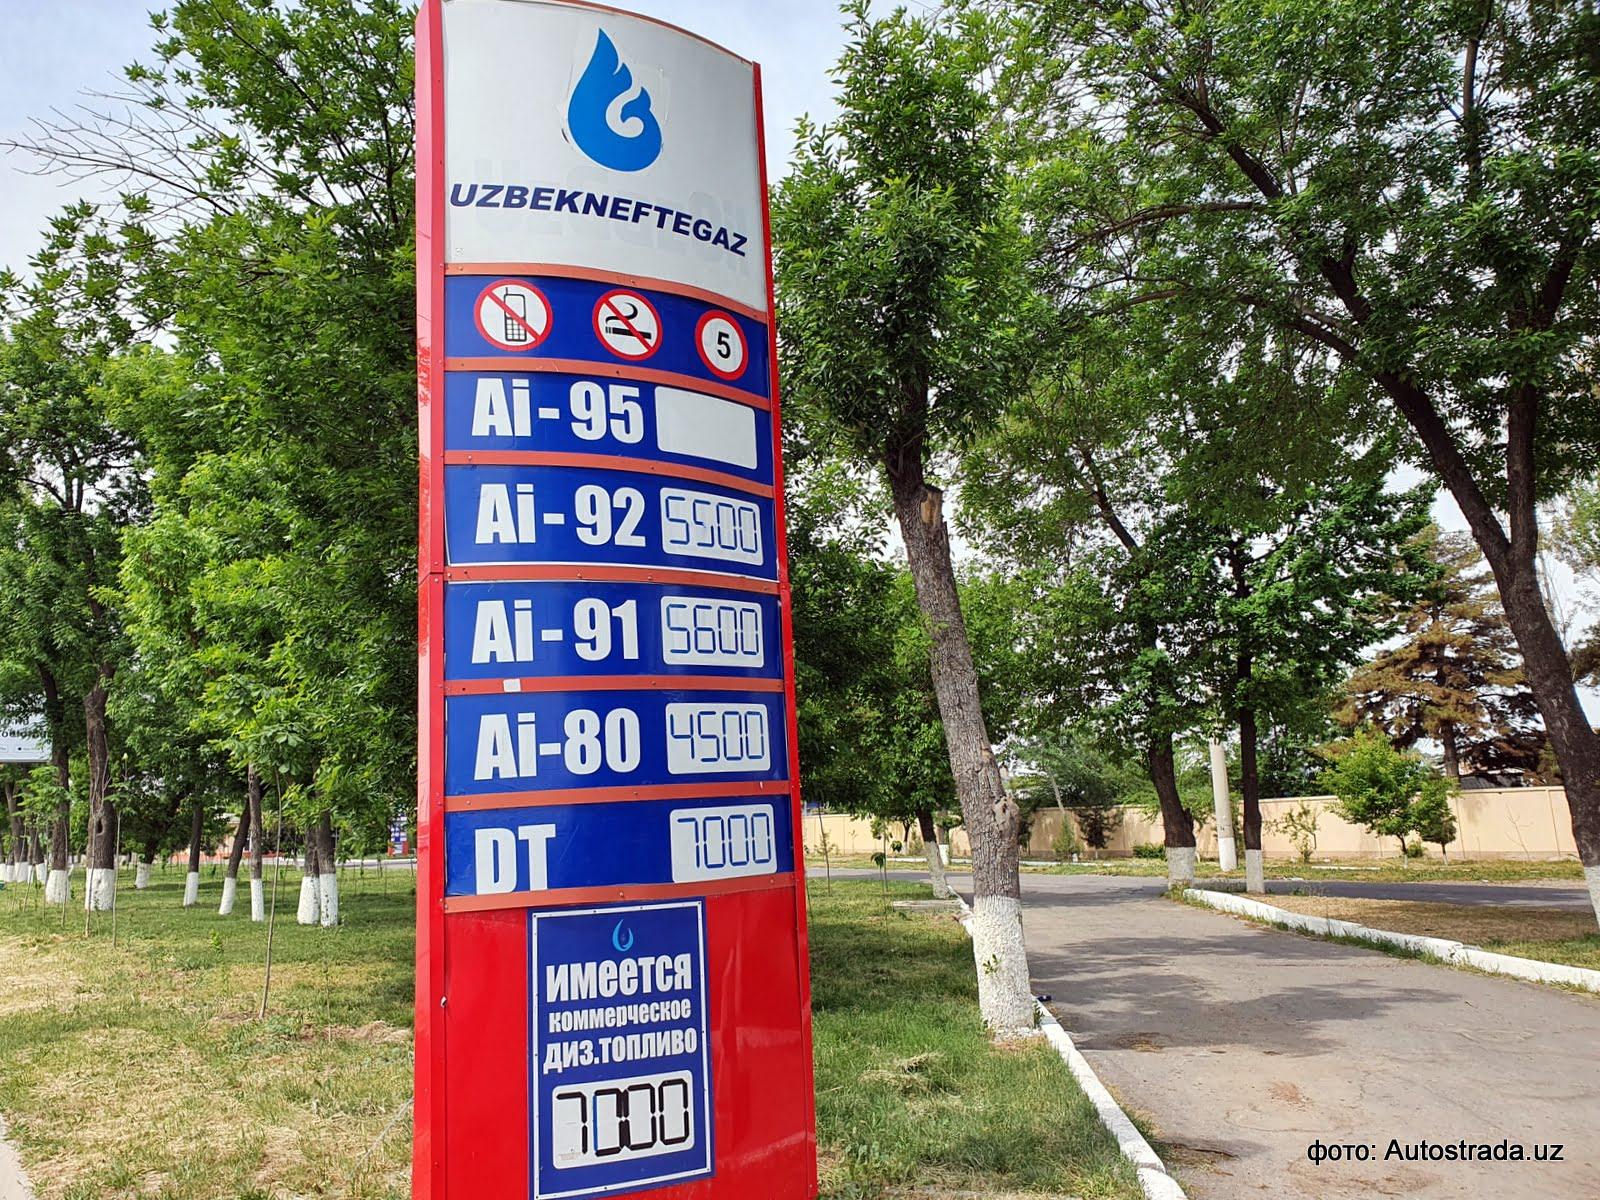 После отмены с 1 мая государственного регулирования цены на самую популярную марку бензина в Узбекистане, его цена на бирже упала на 46%. Цена в рознице снизится на 11%.